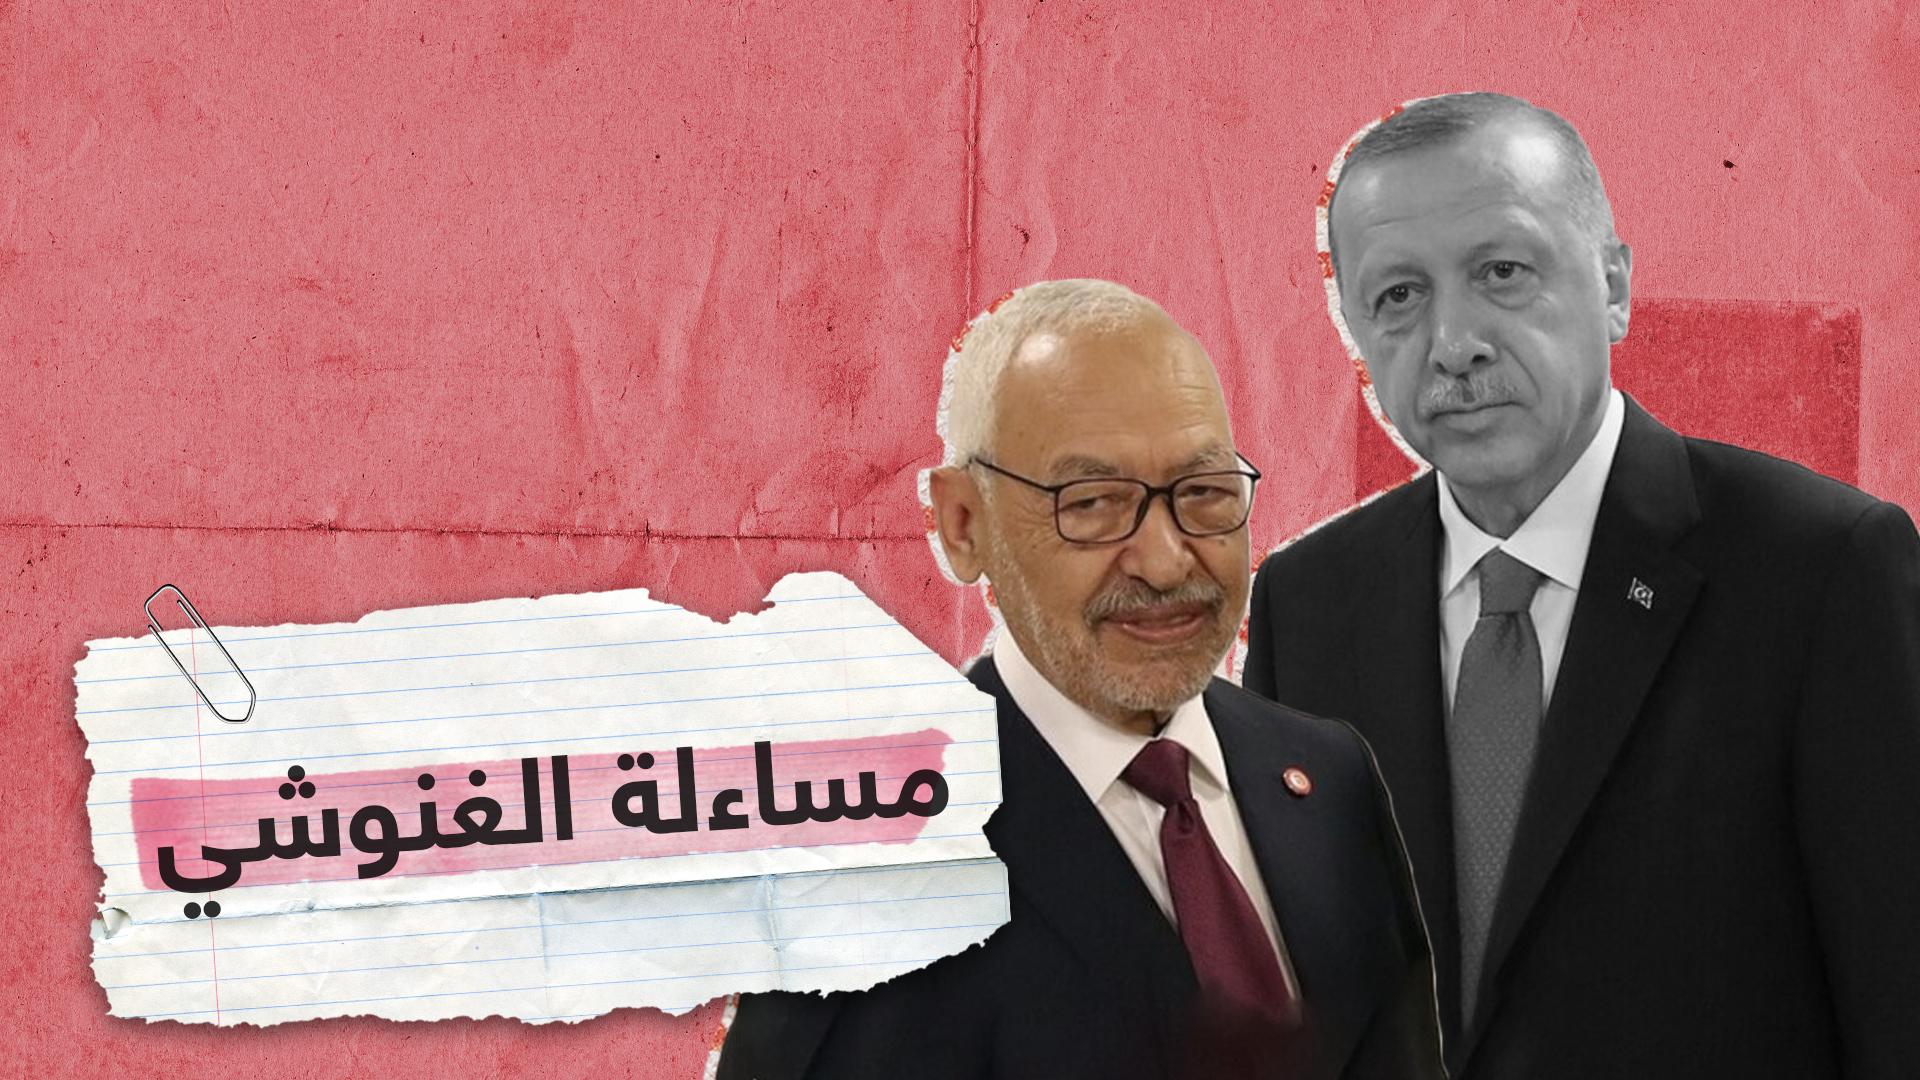 برلمانيون تونسيون ينتقدون راشد الغنوشي